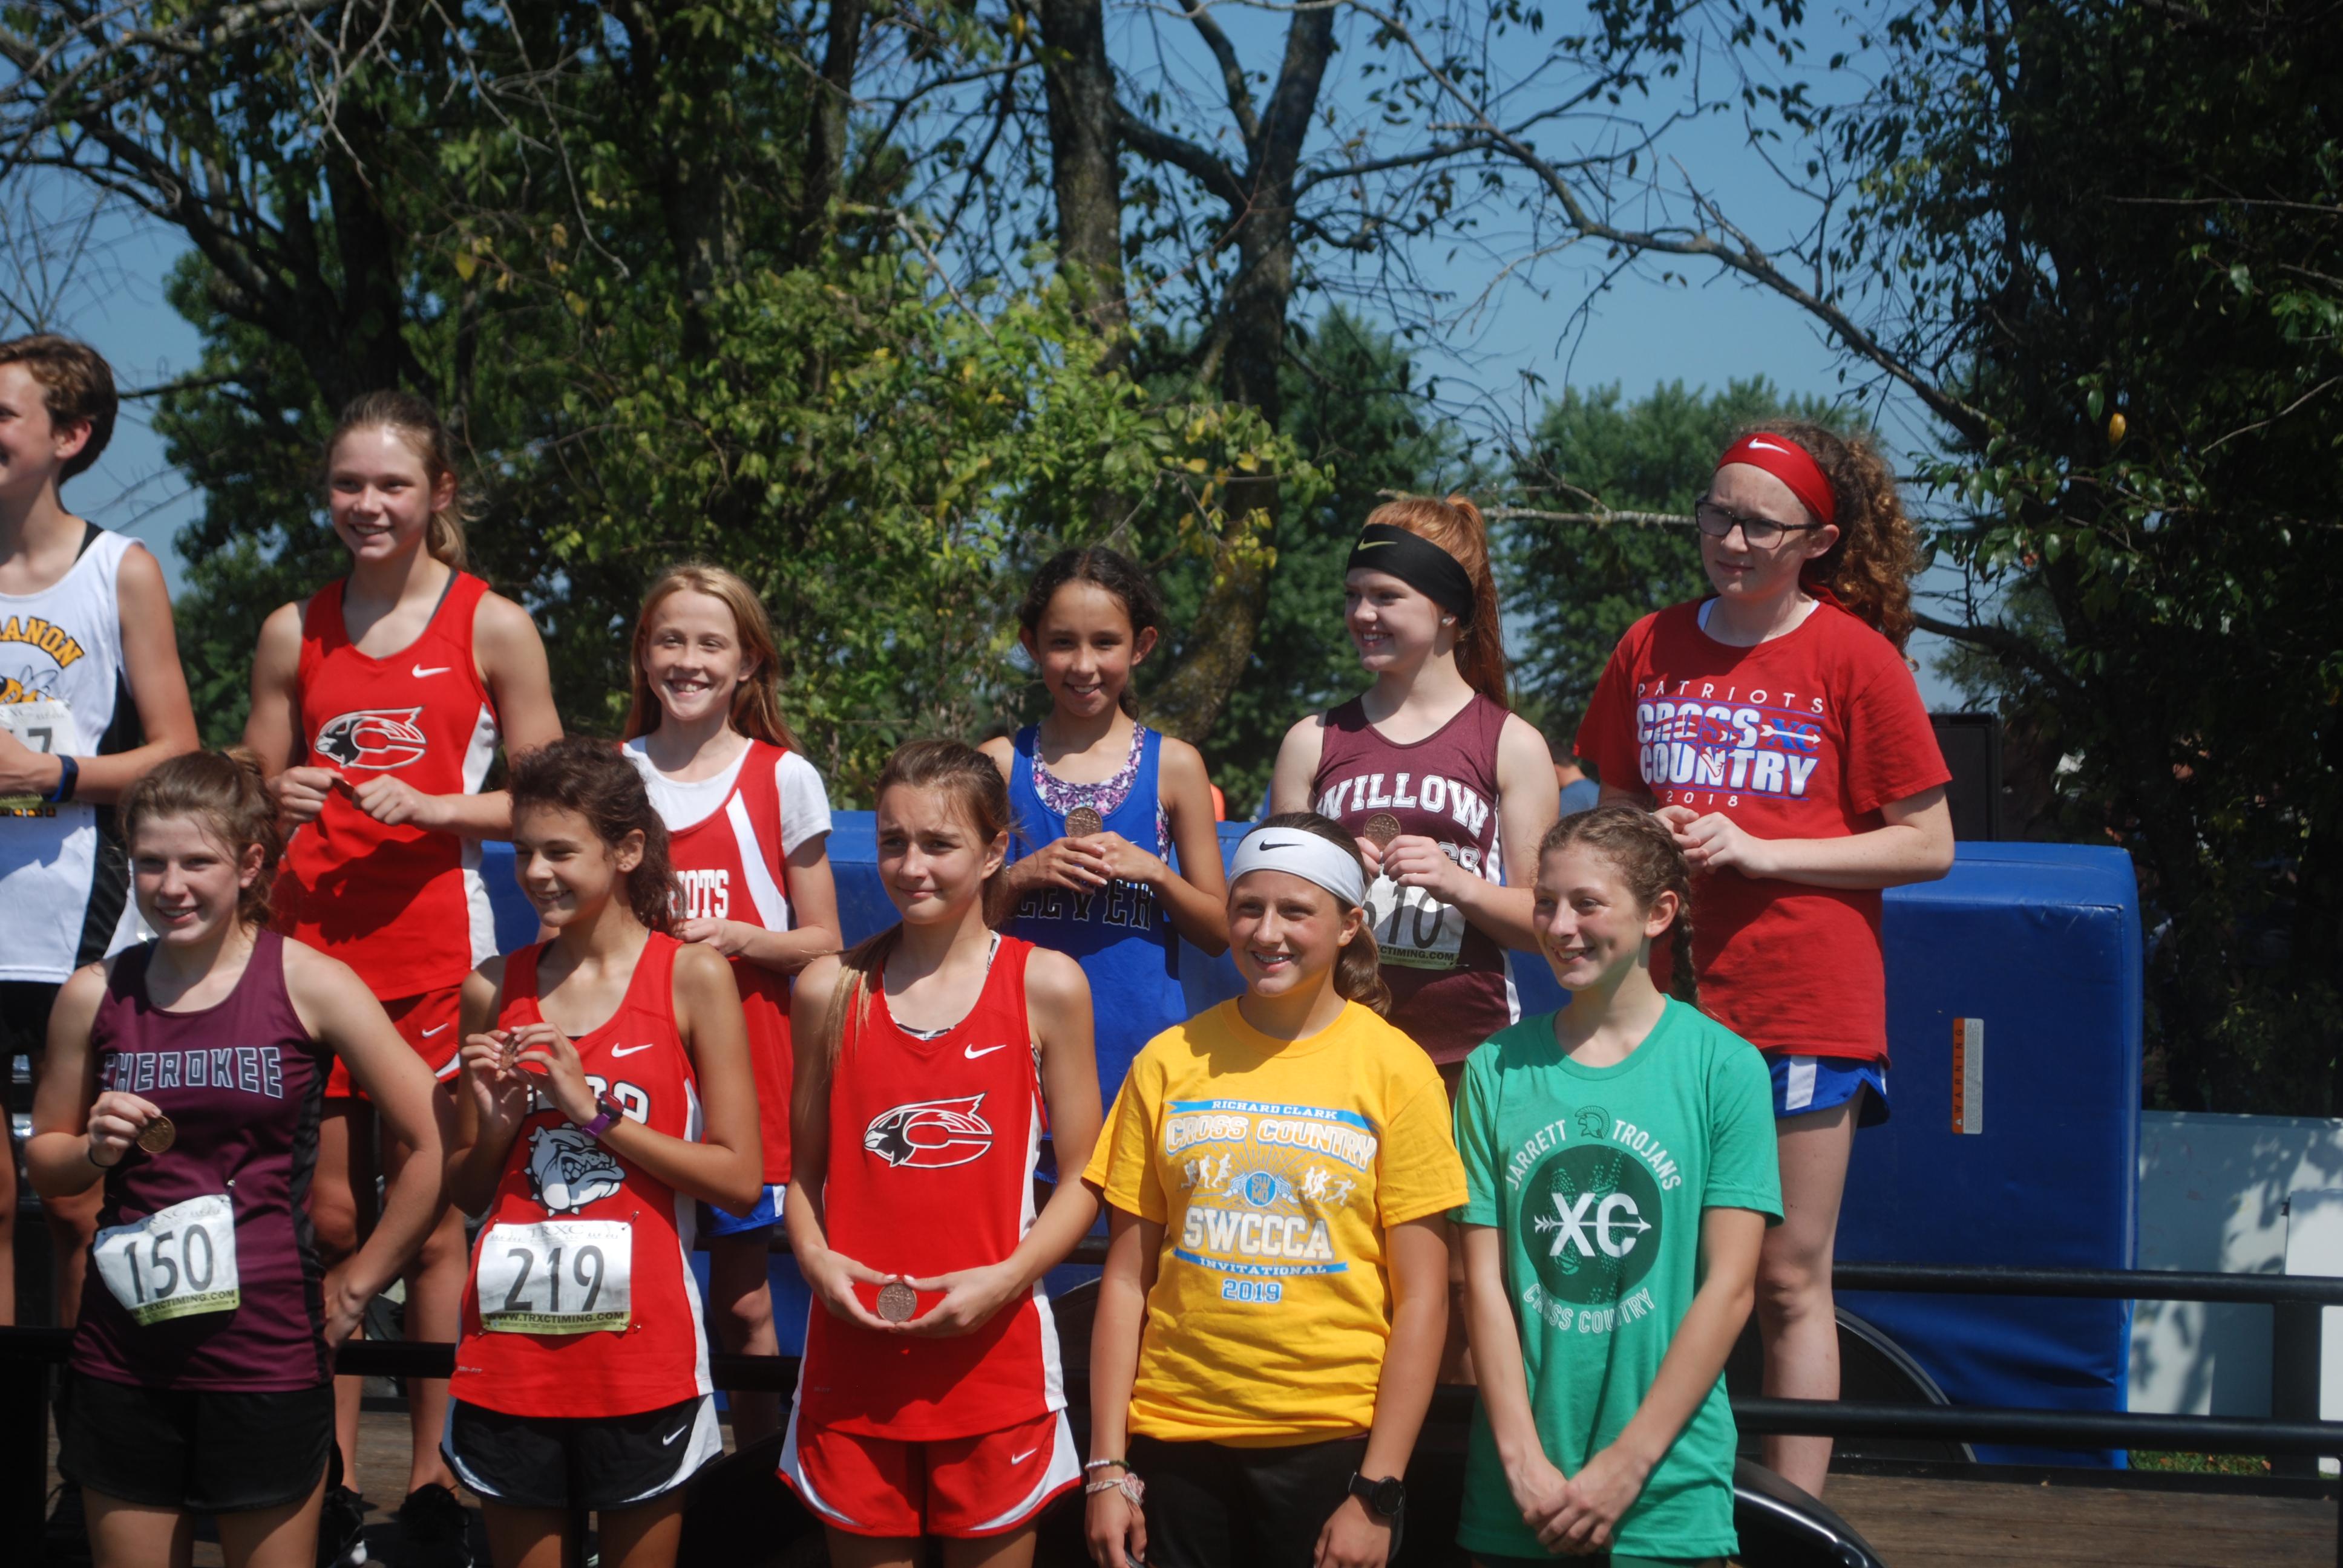 Girl's track team